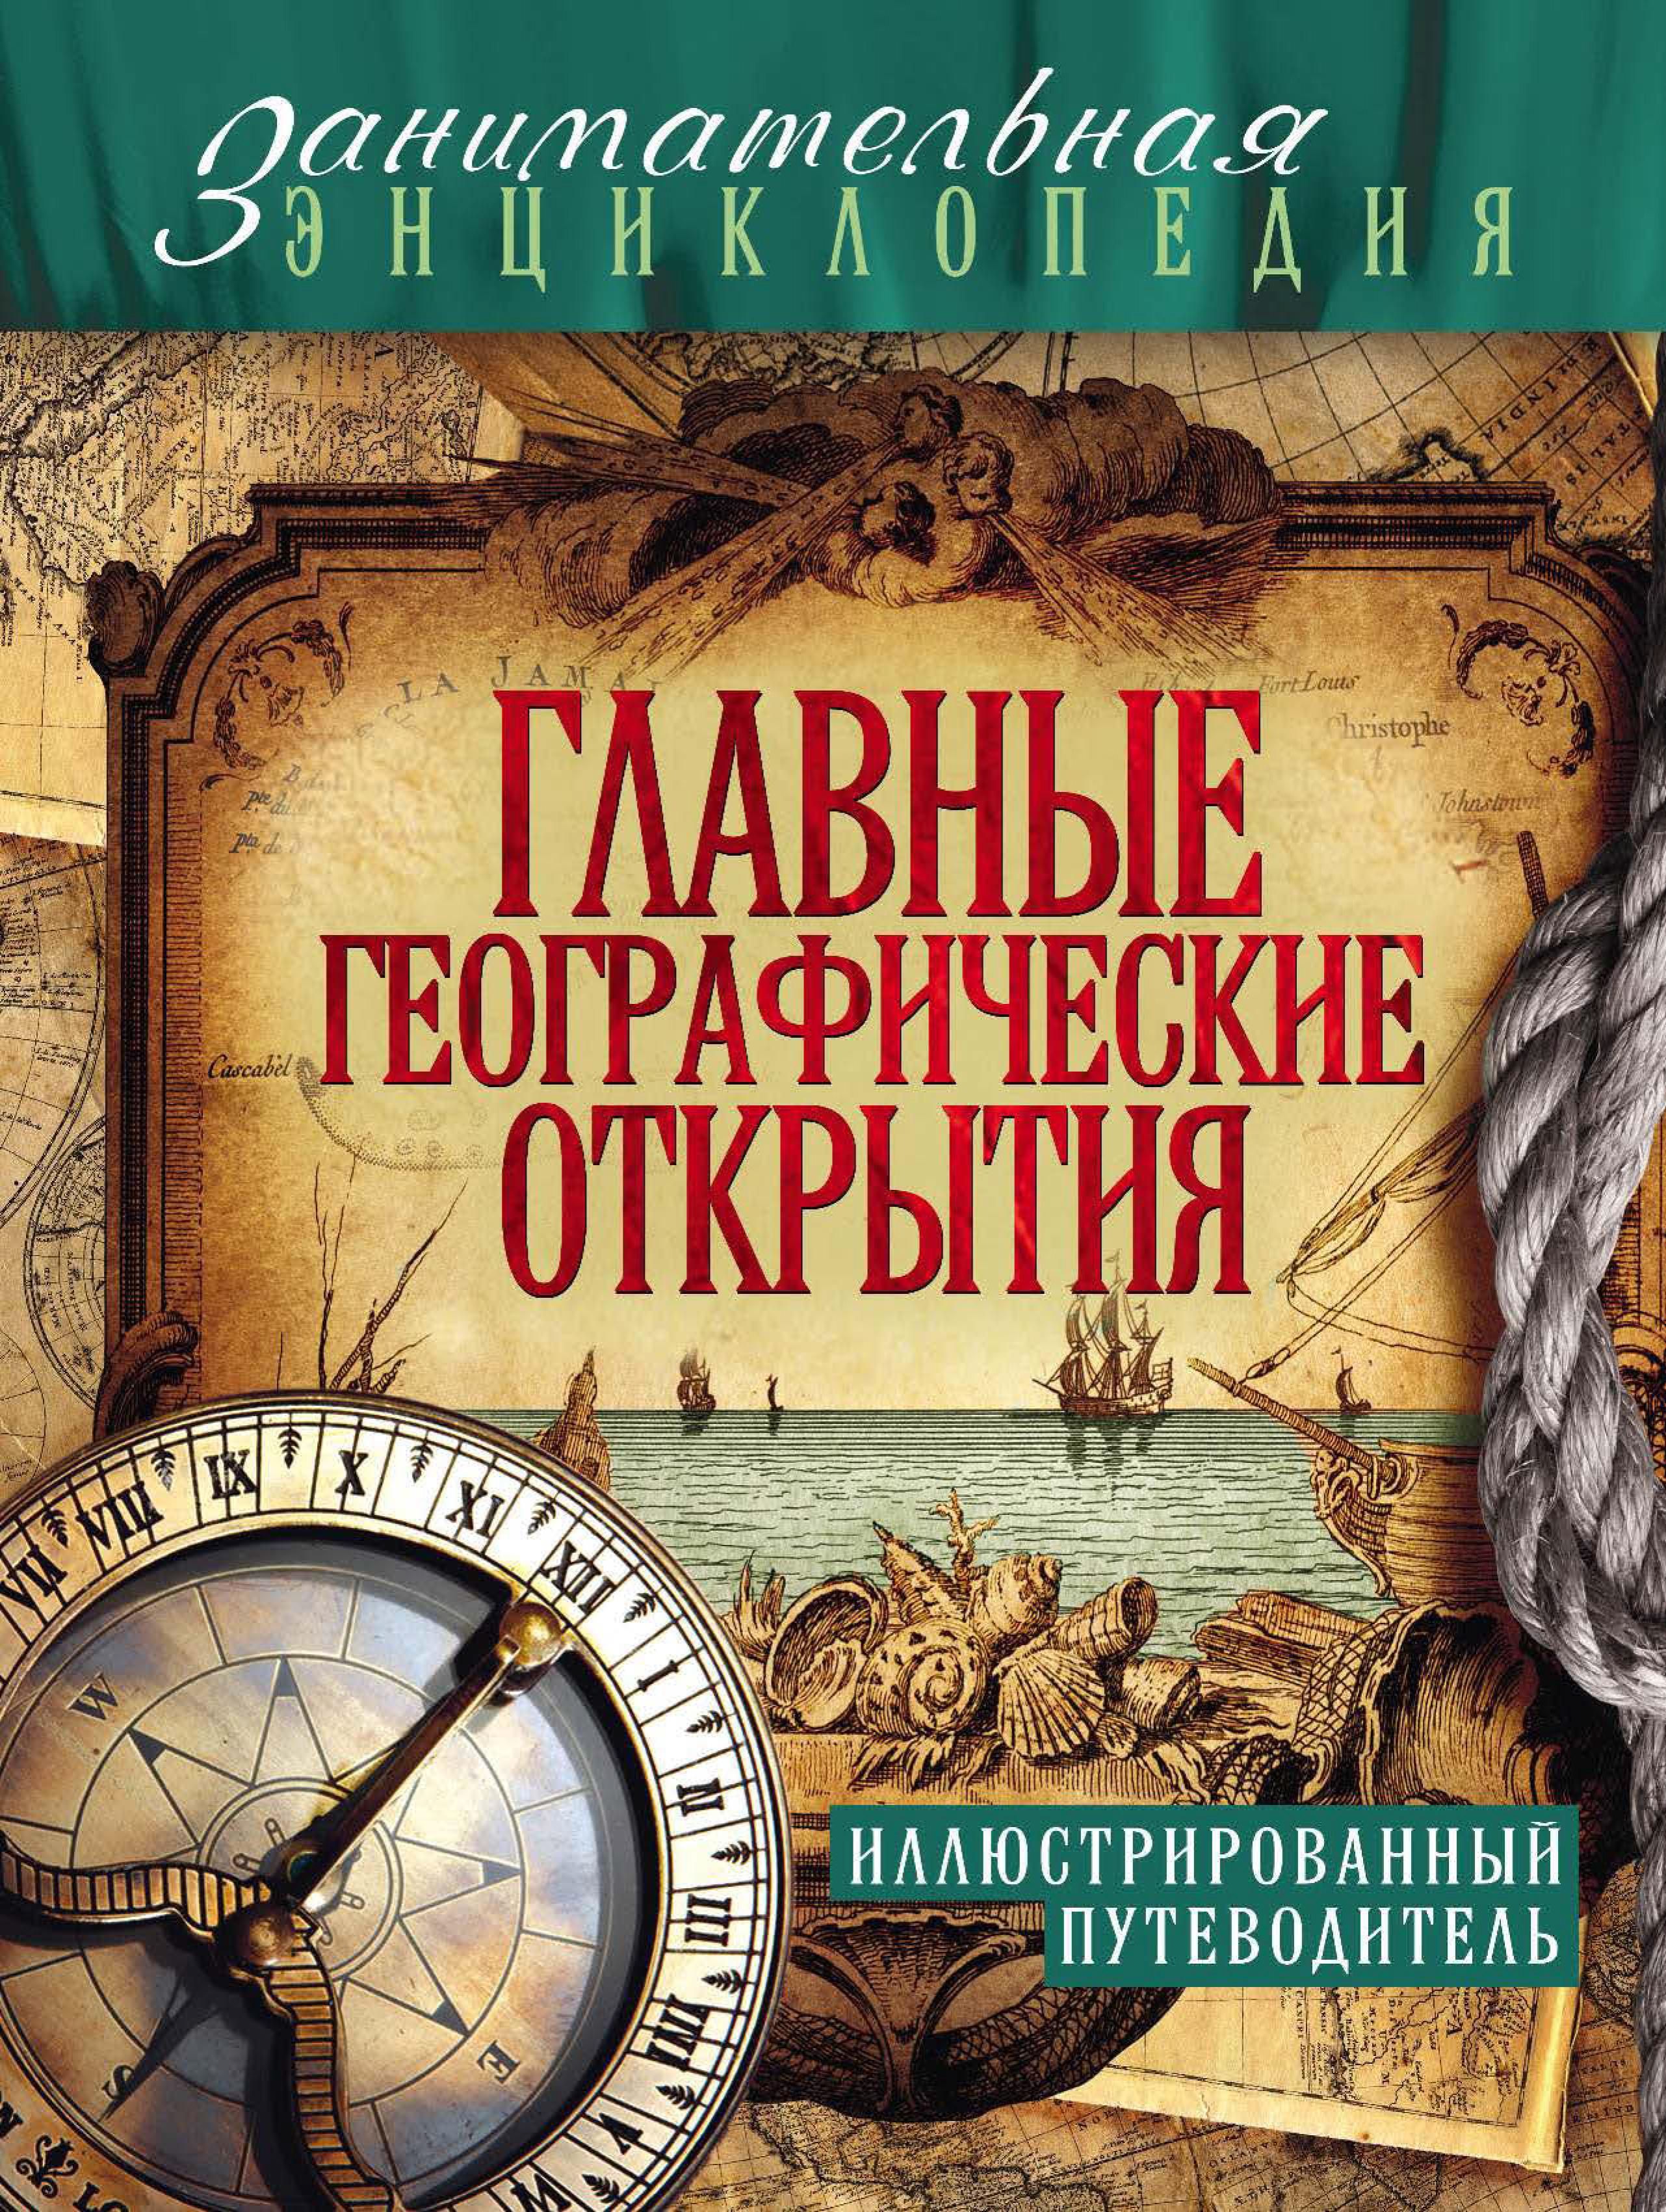 Мария Куклис Главные географические открытия: иллюстрированный путеводитель